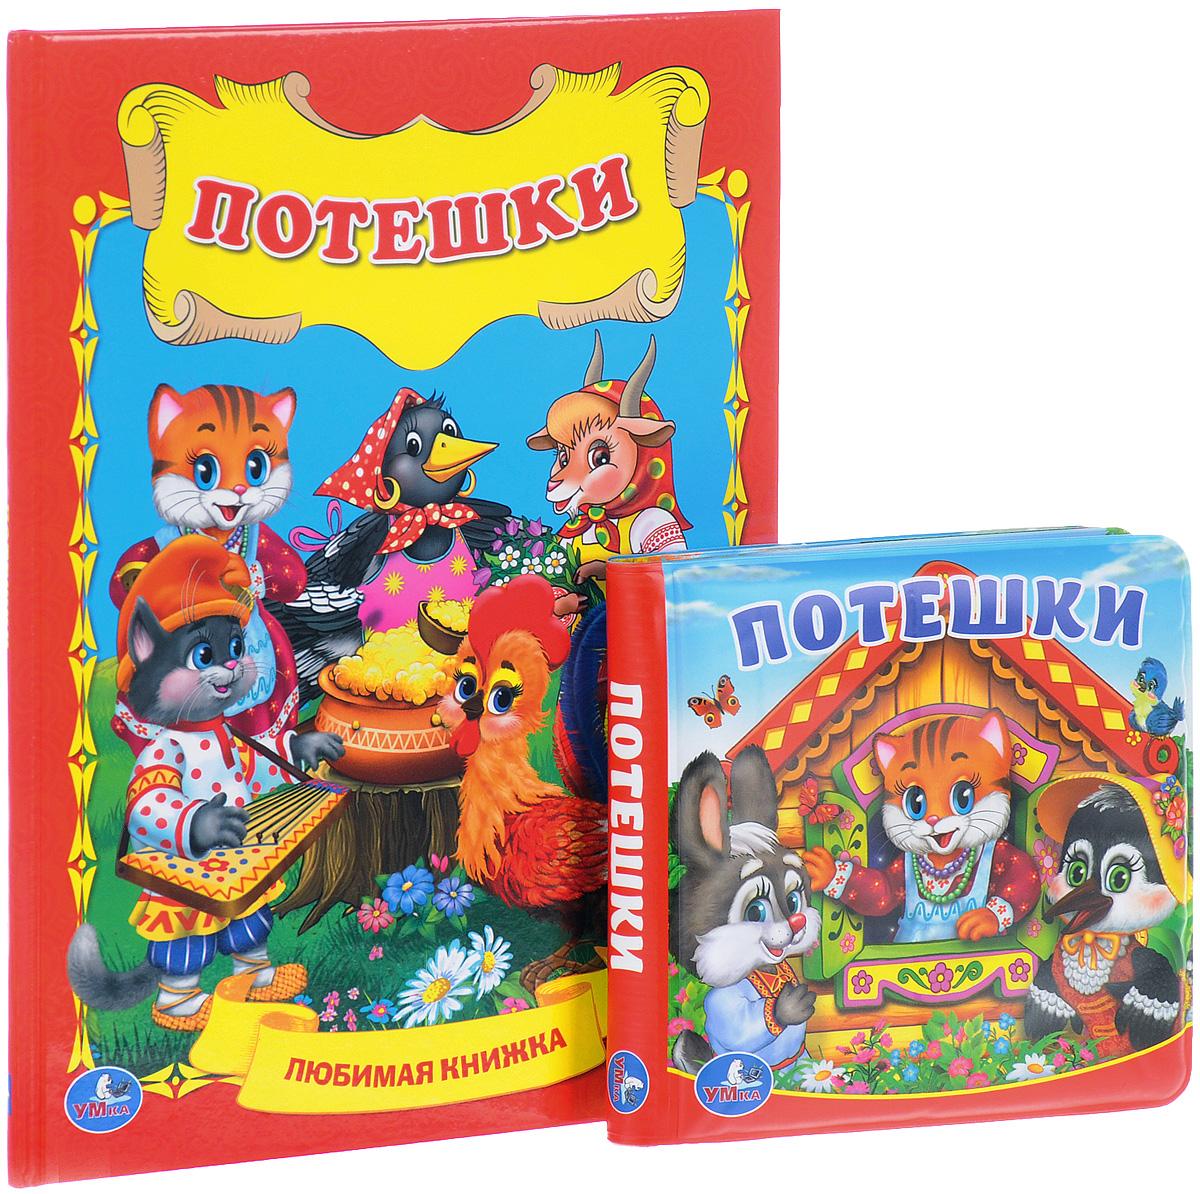 Потешки для малышей (комплект из 2 книг) любовный быт пушкинской эпохи комплект из 2 книг